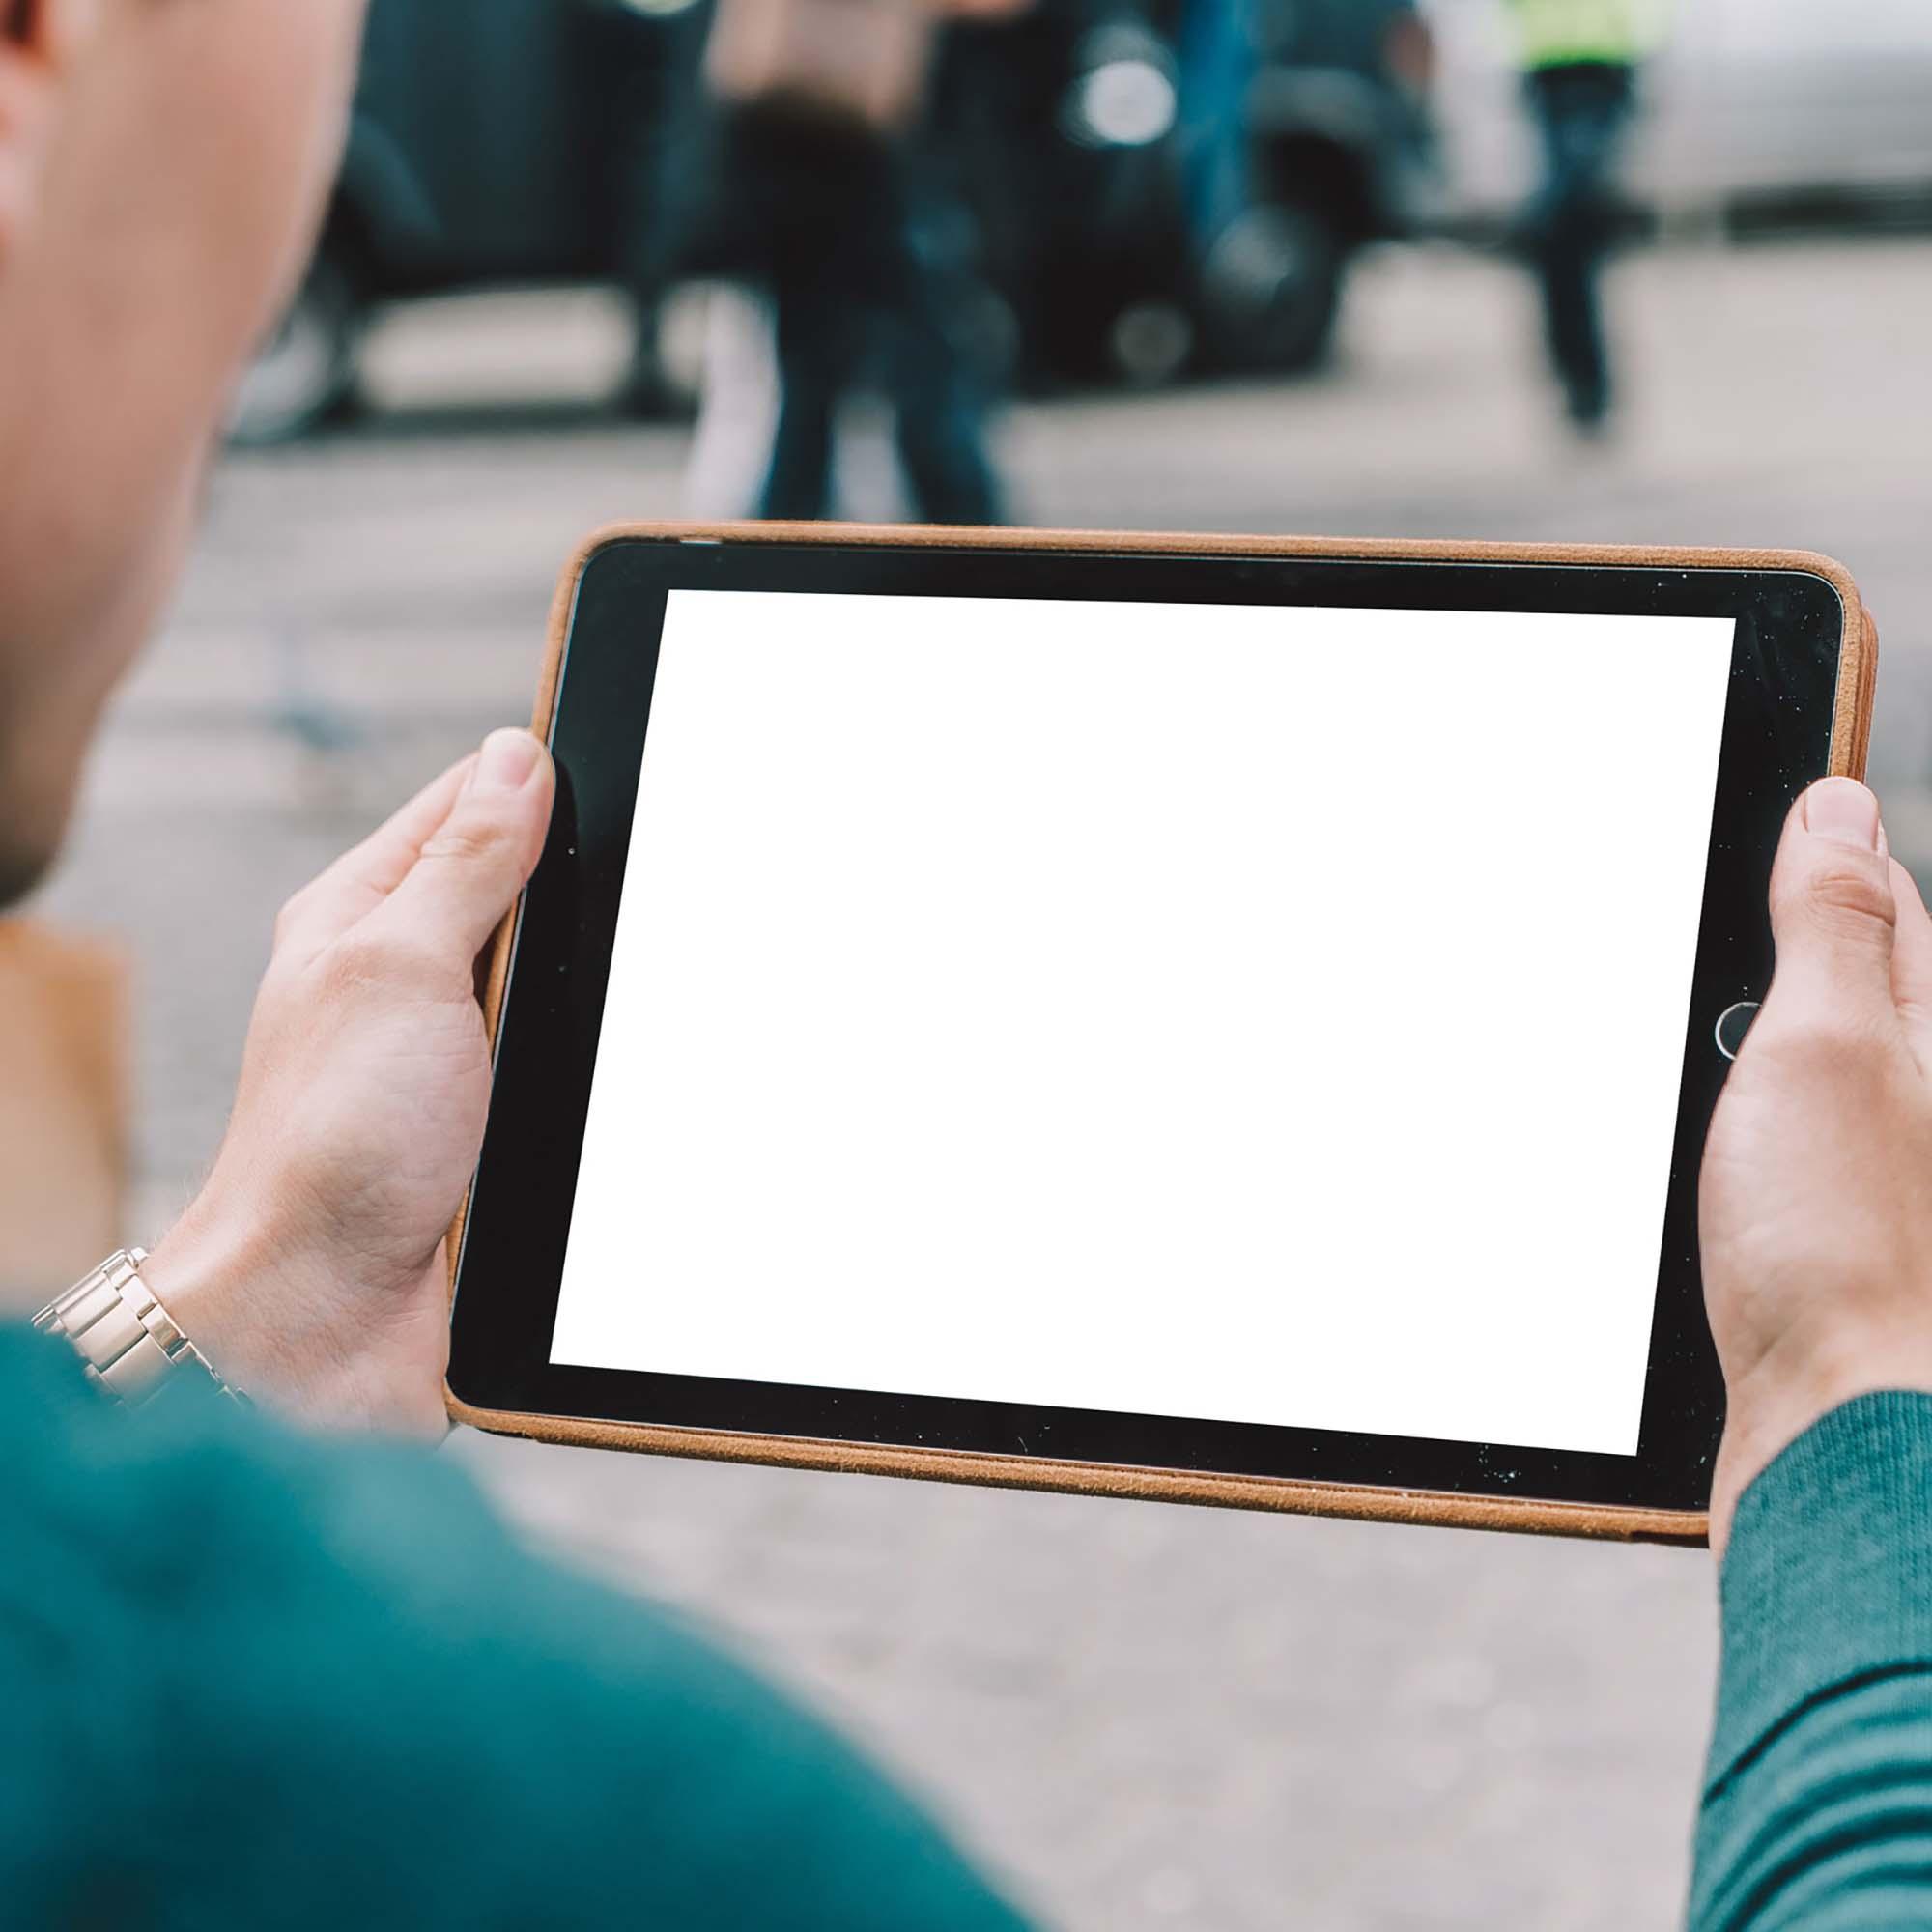 iPad in Hands Mockup 2